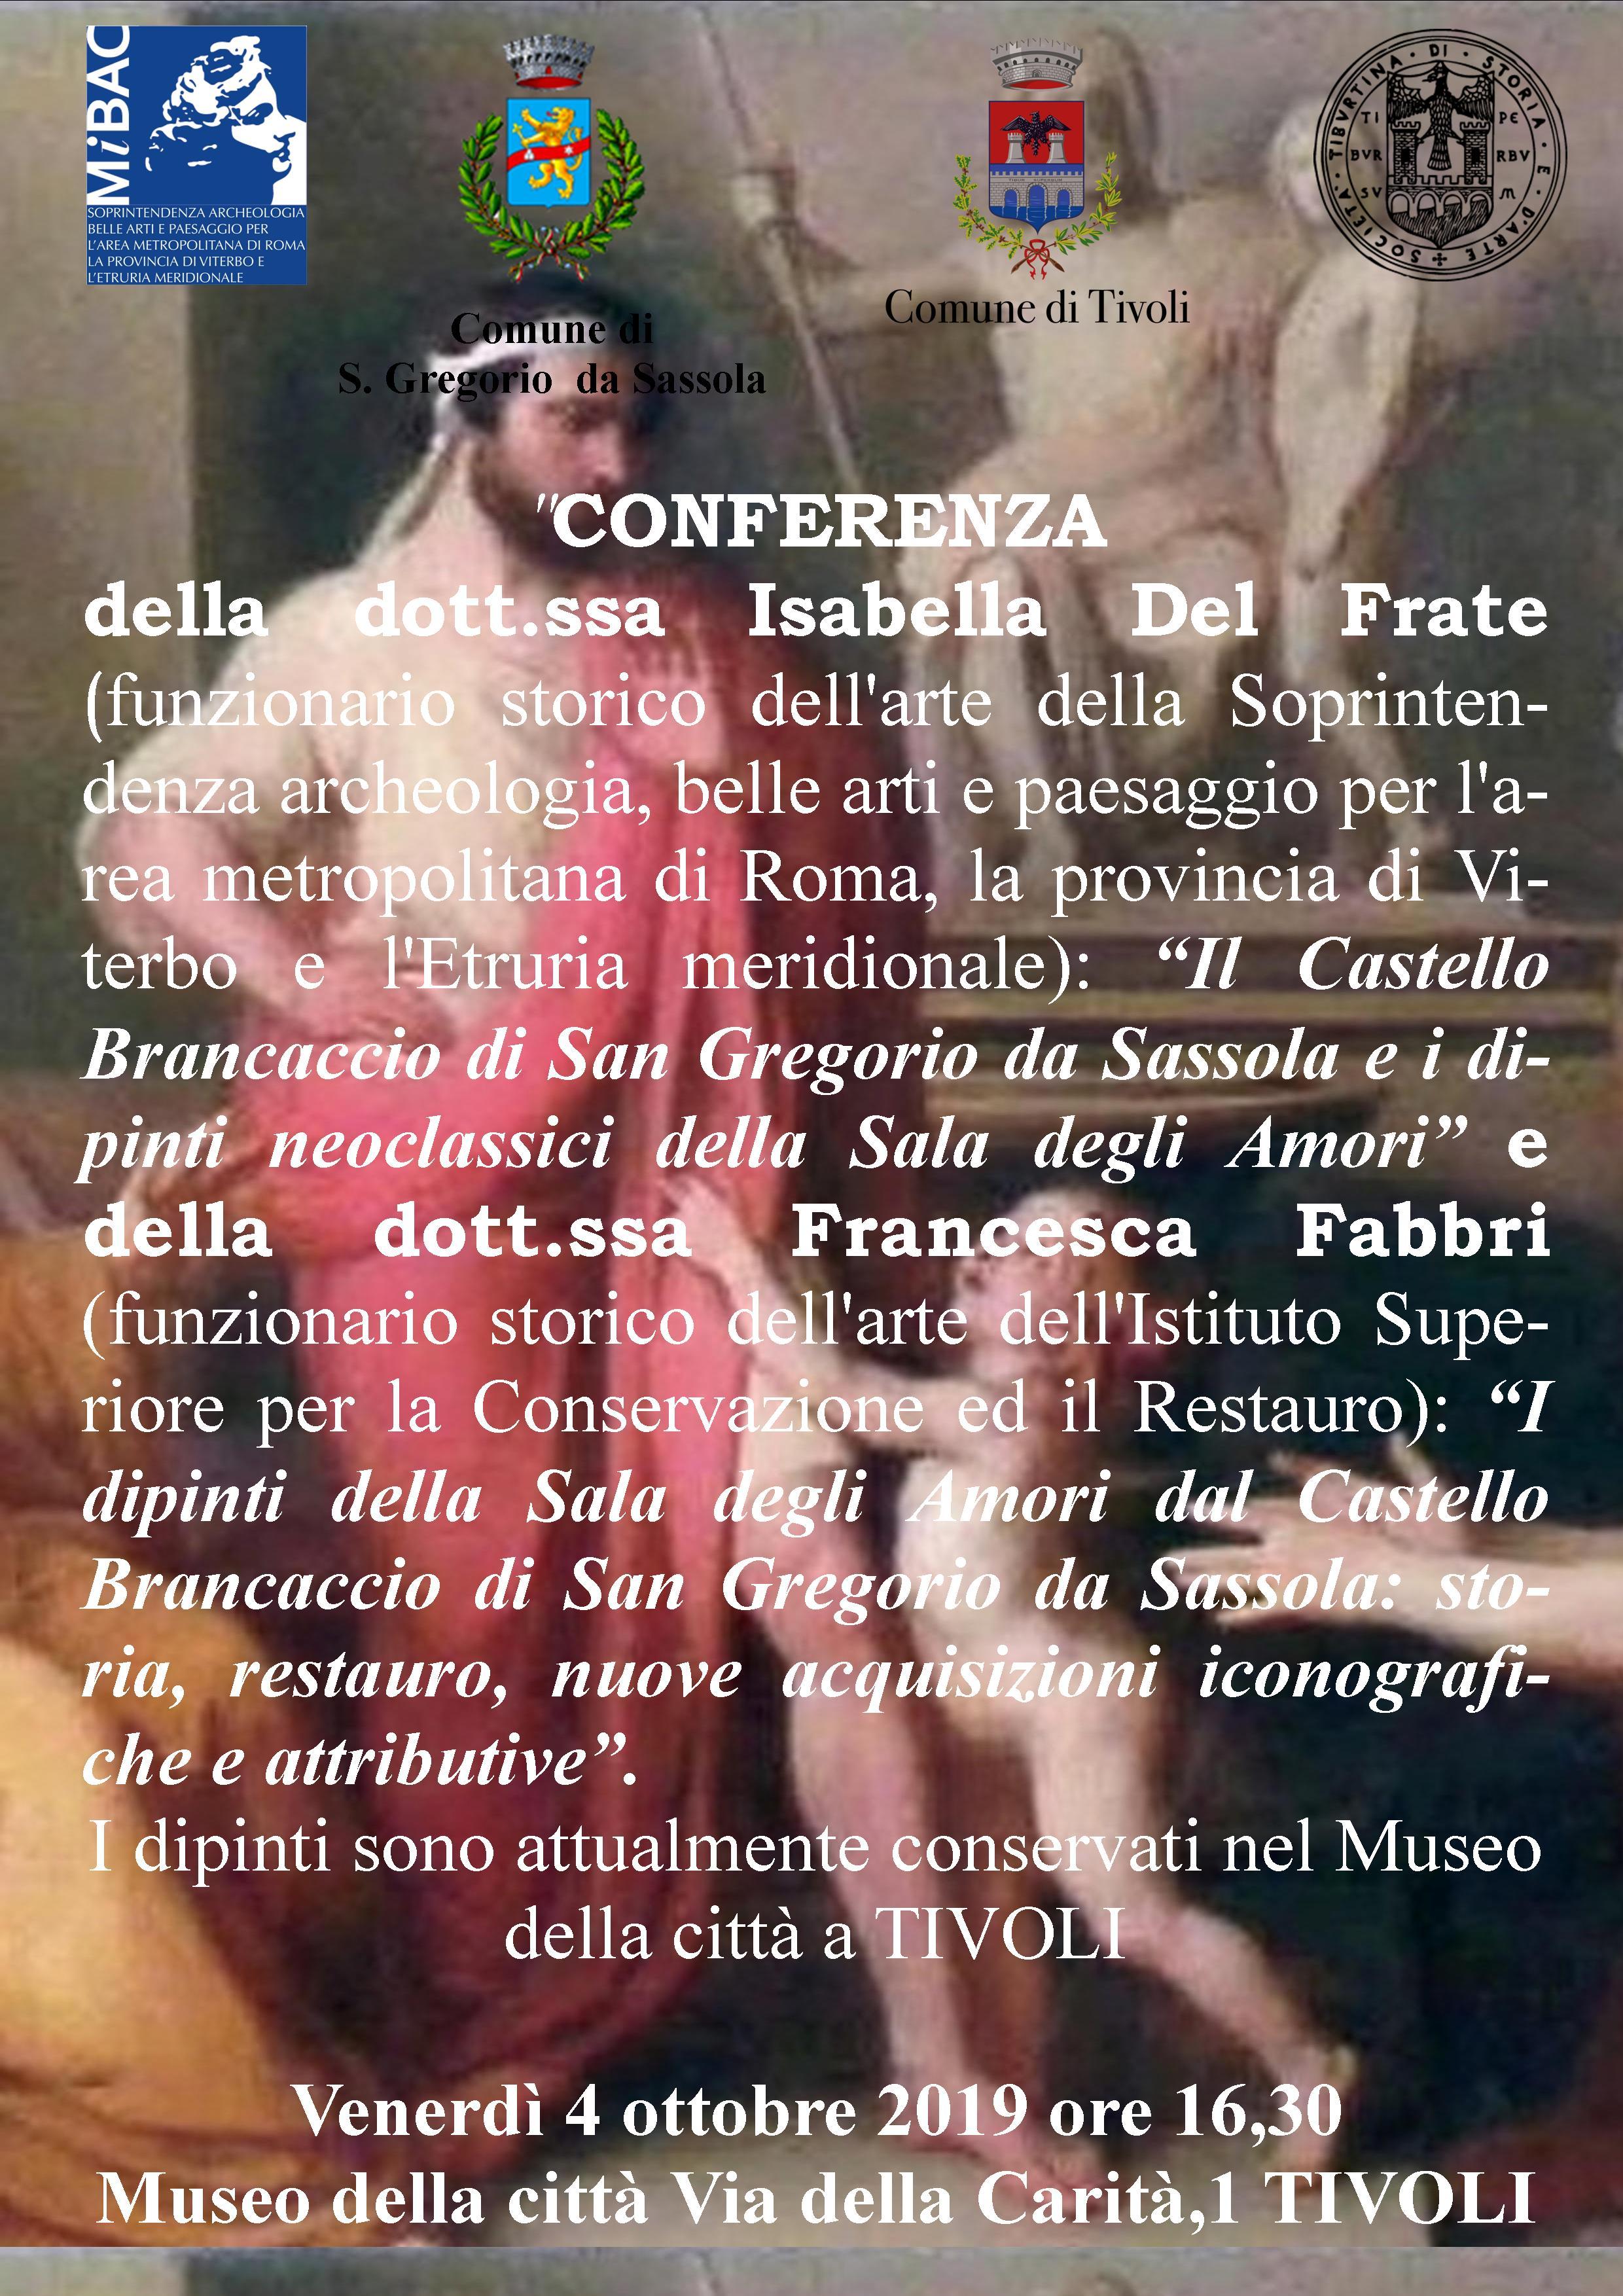 Conferenza_APPIANI_con_immagine_09_09_2019